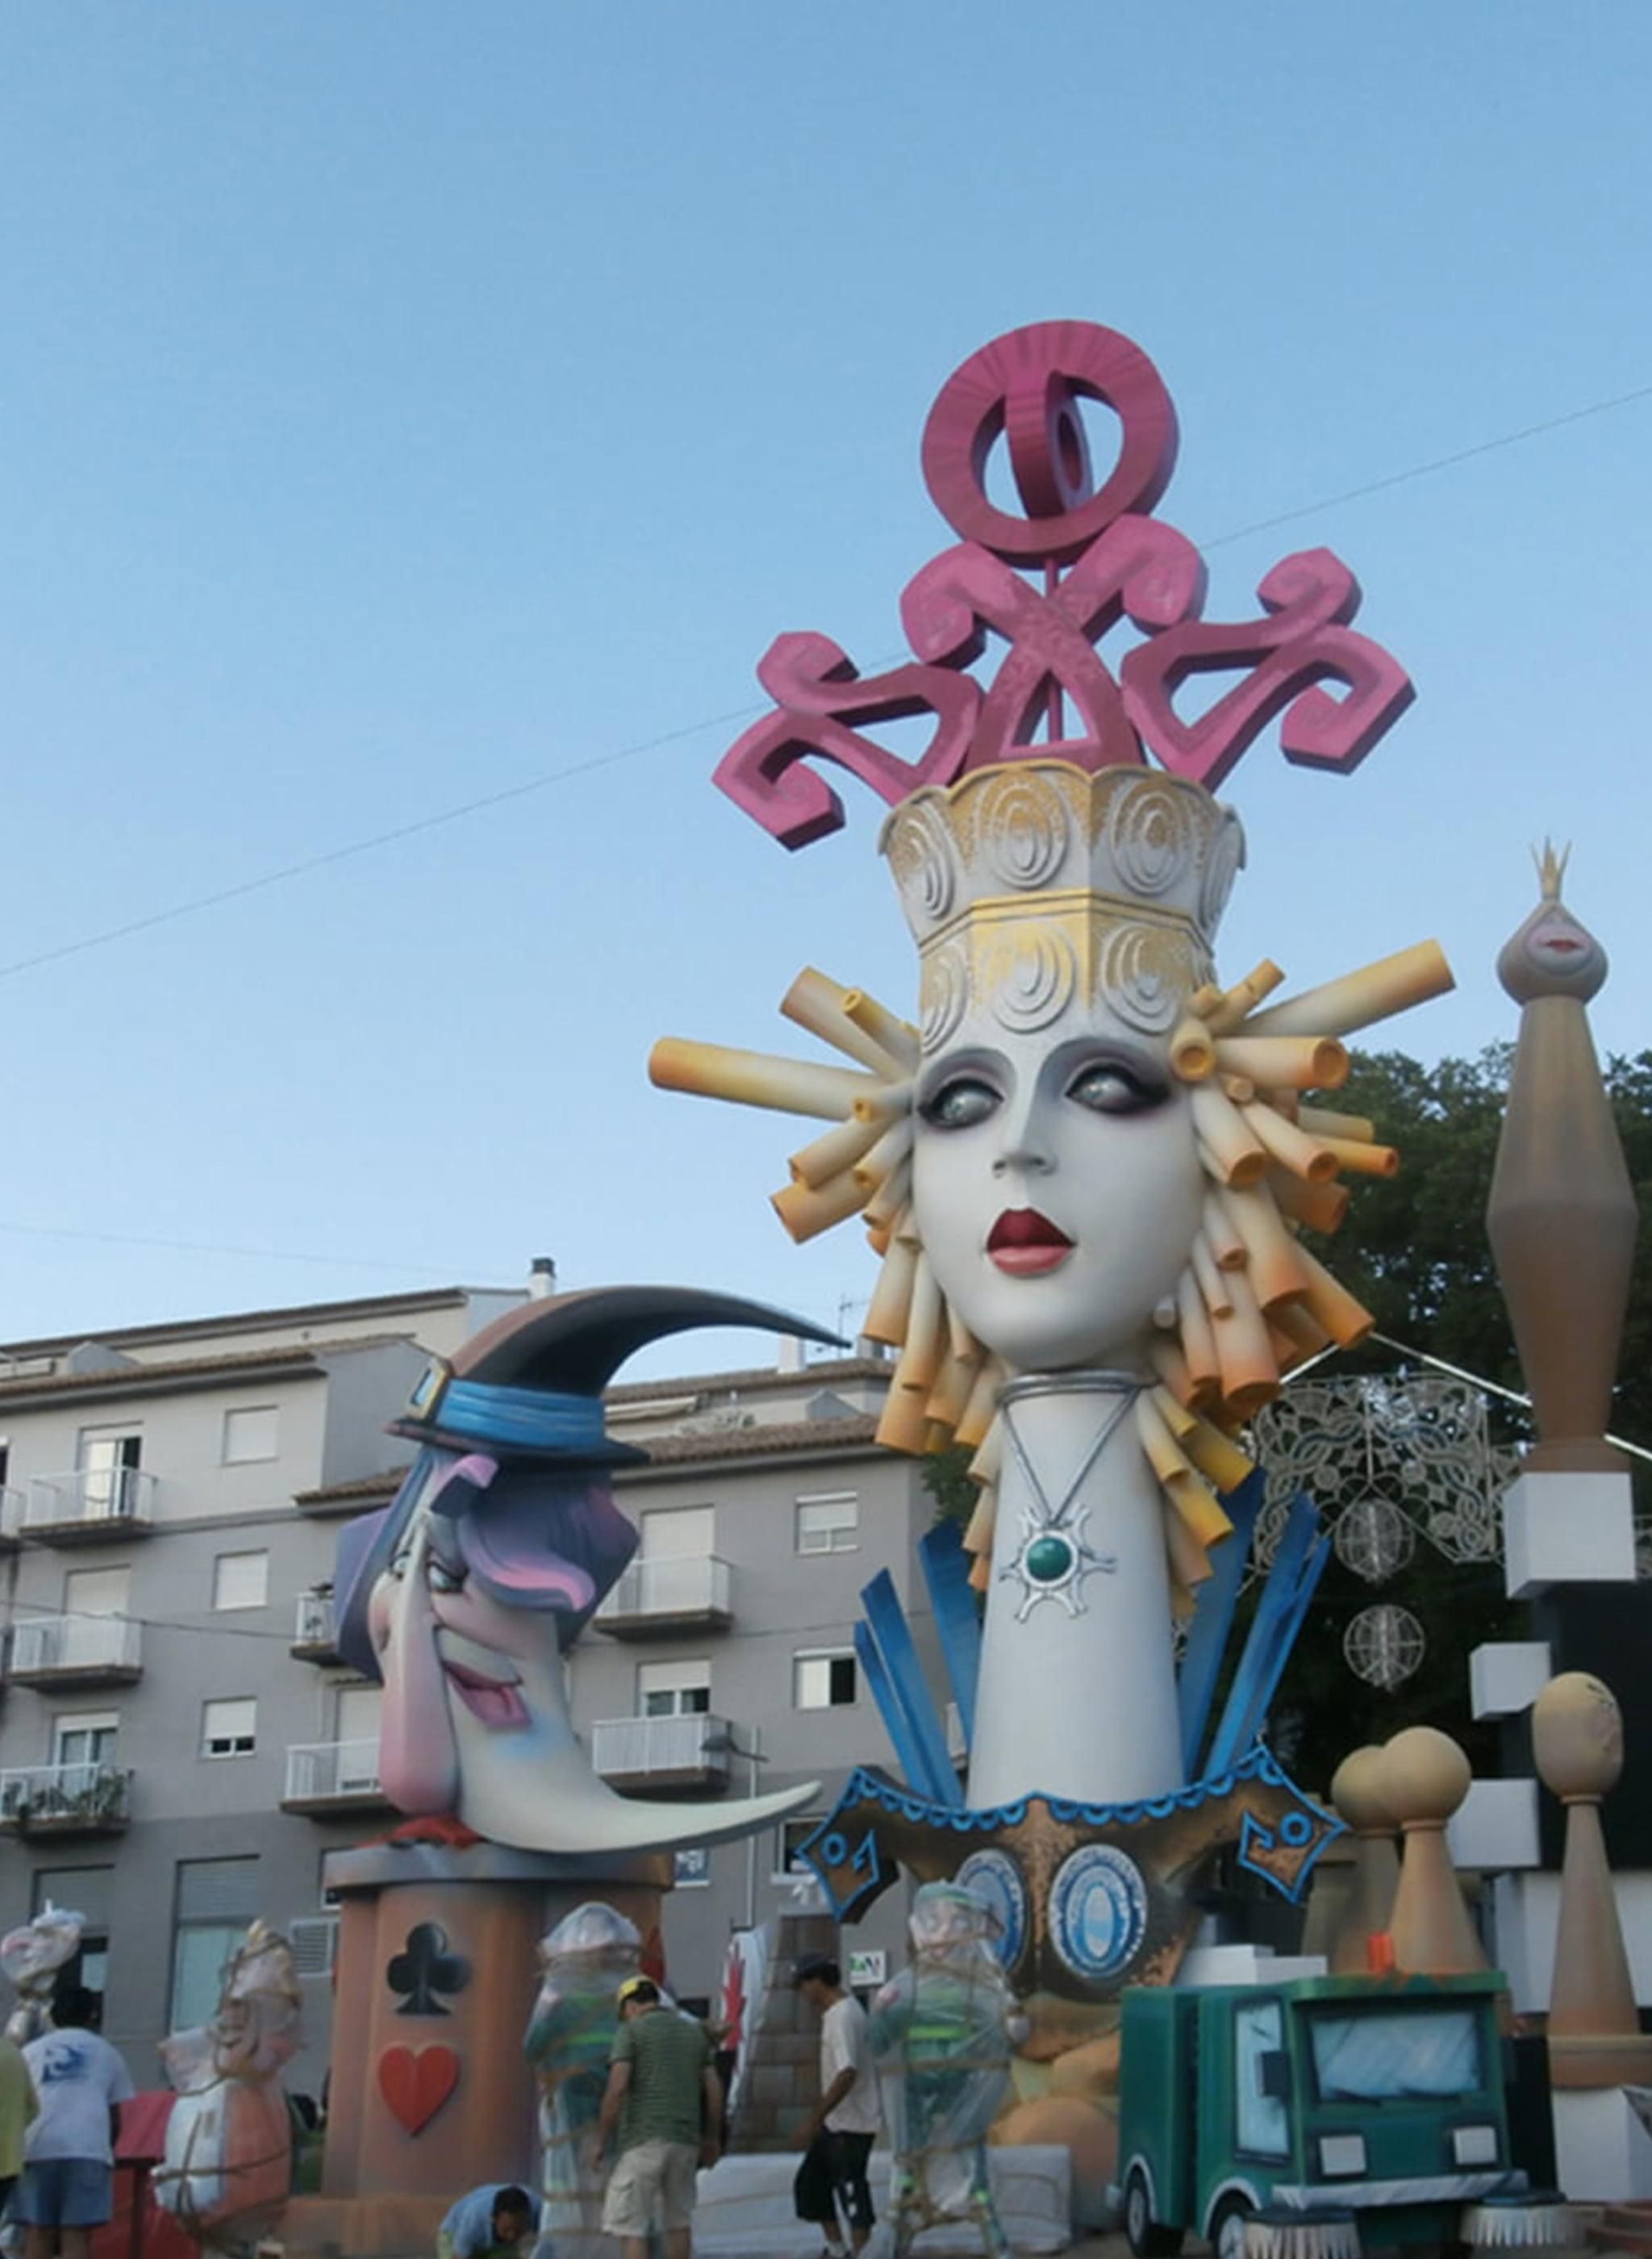 Hoguera Central de las fiestas de San Juan (Año 2013)